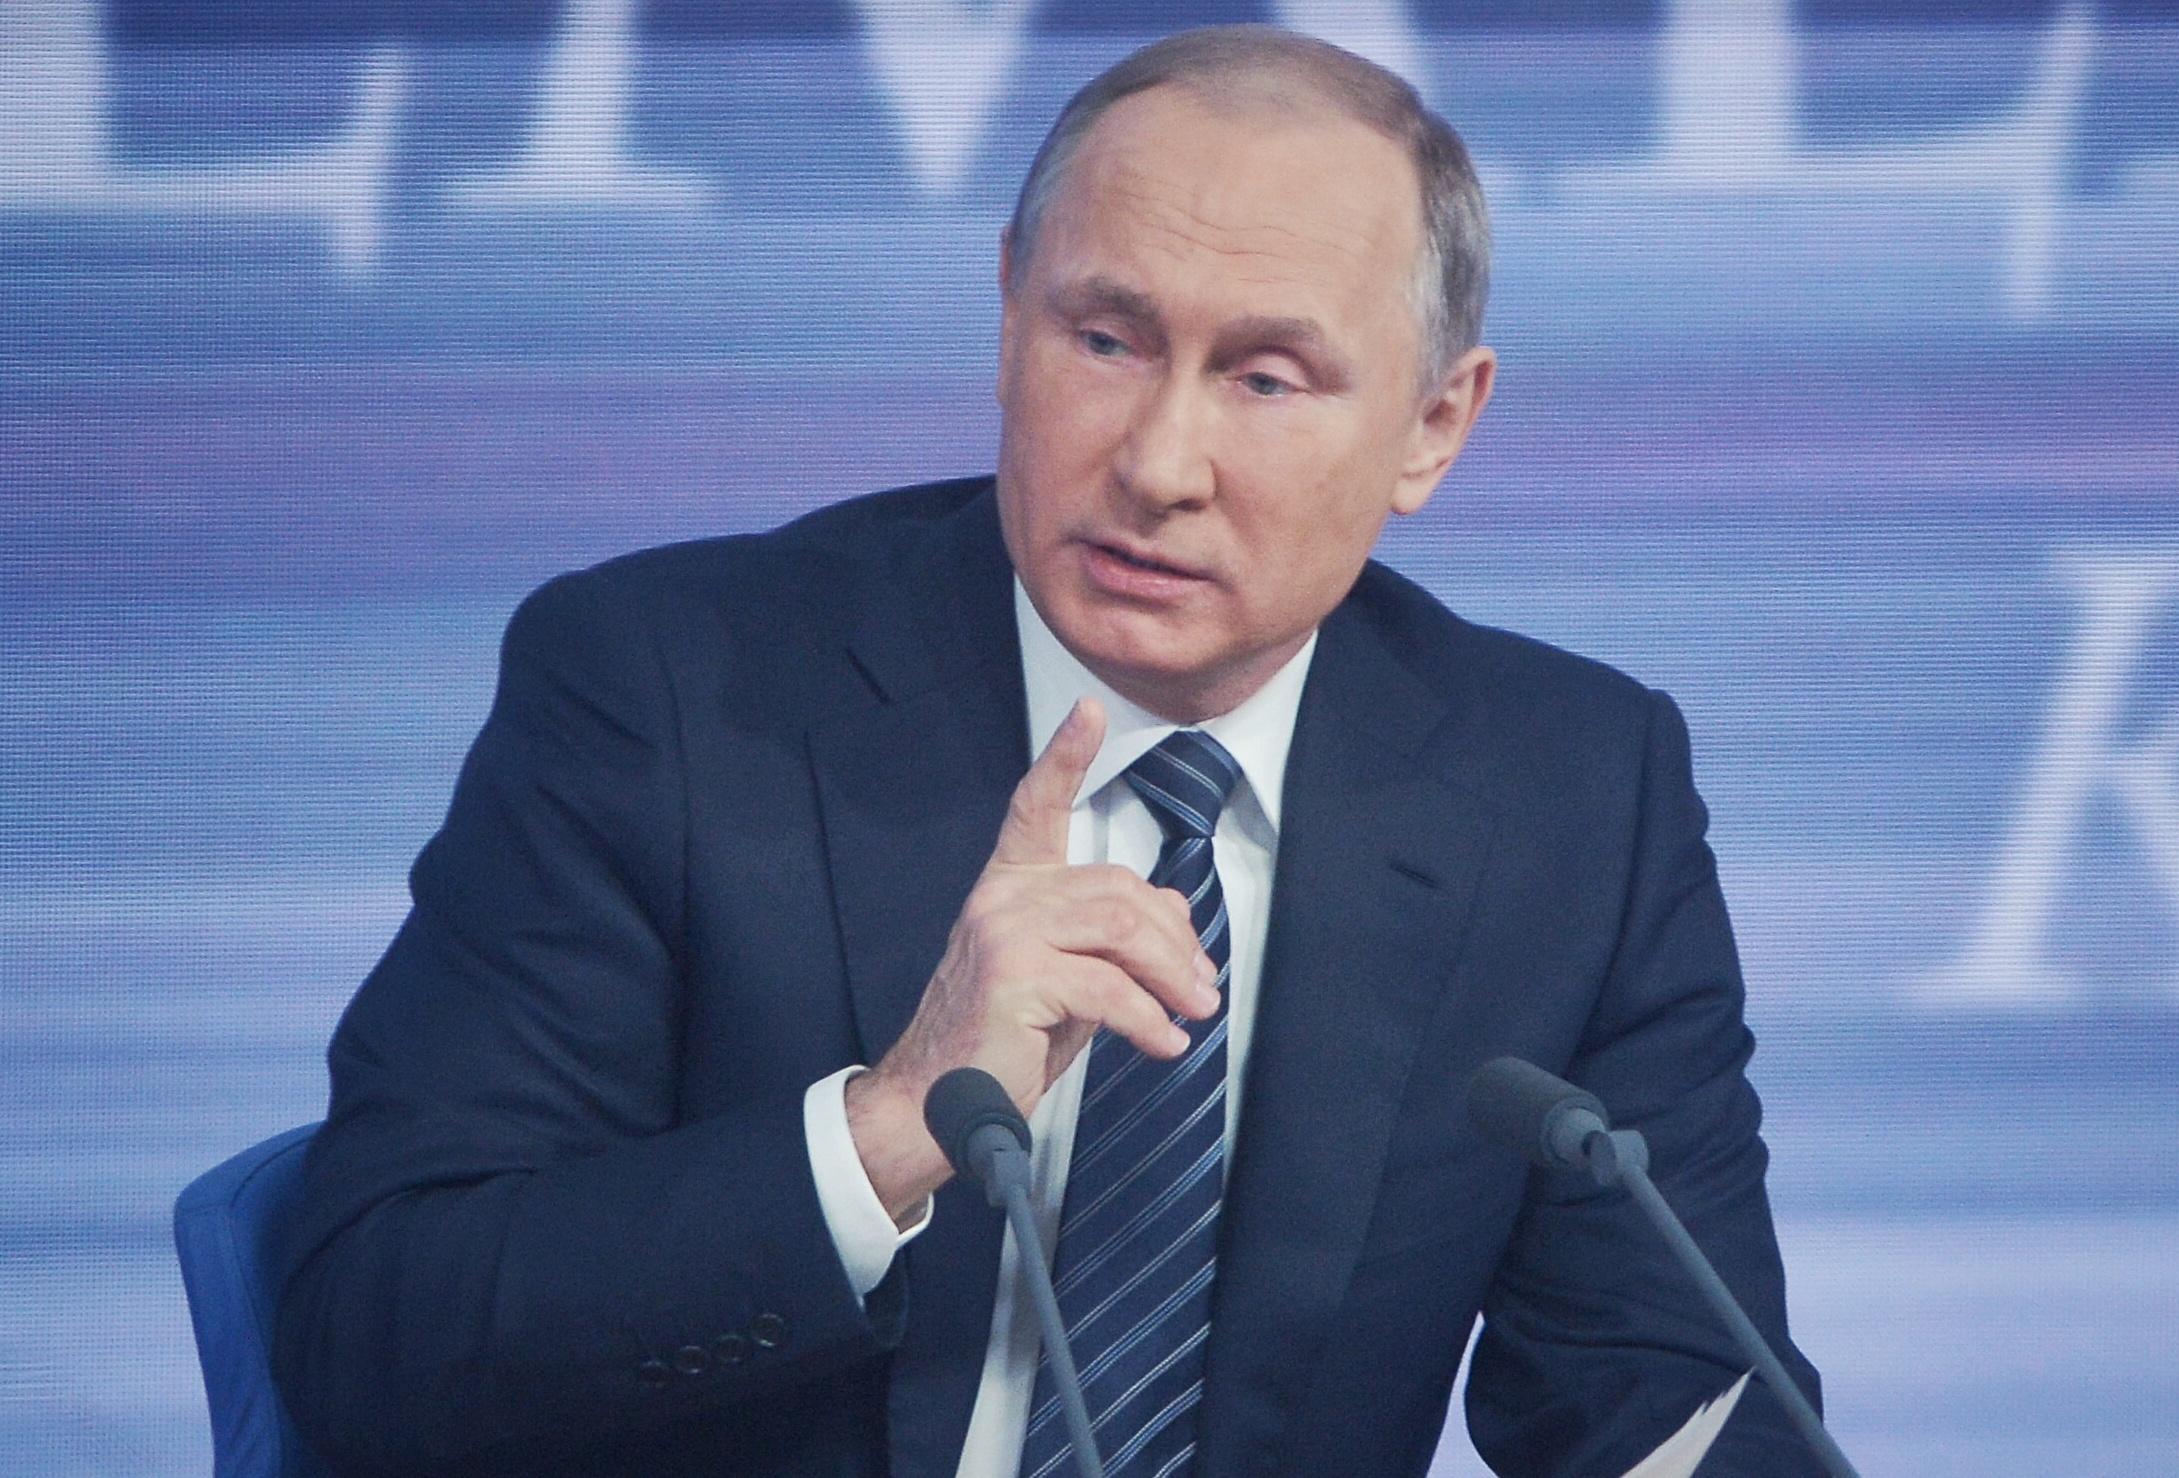 Владимир Путин анонсировал индексацию пенсий в 2017 году